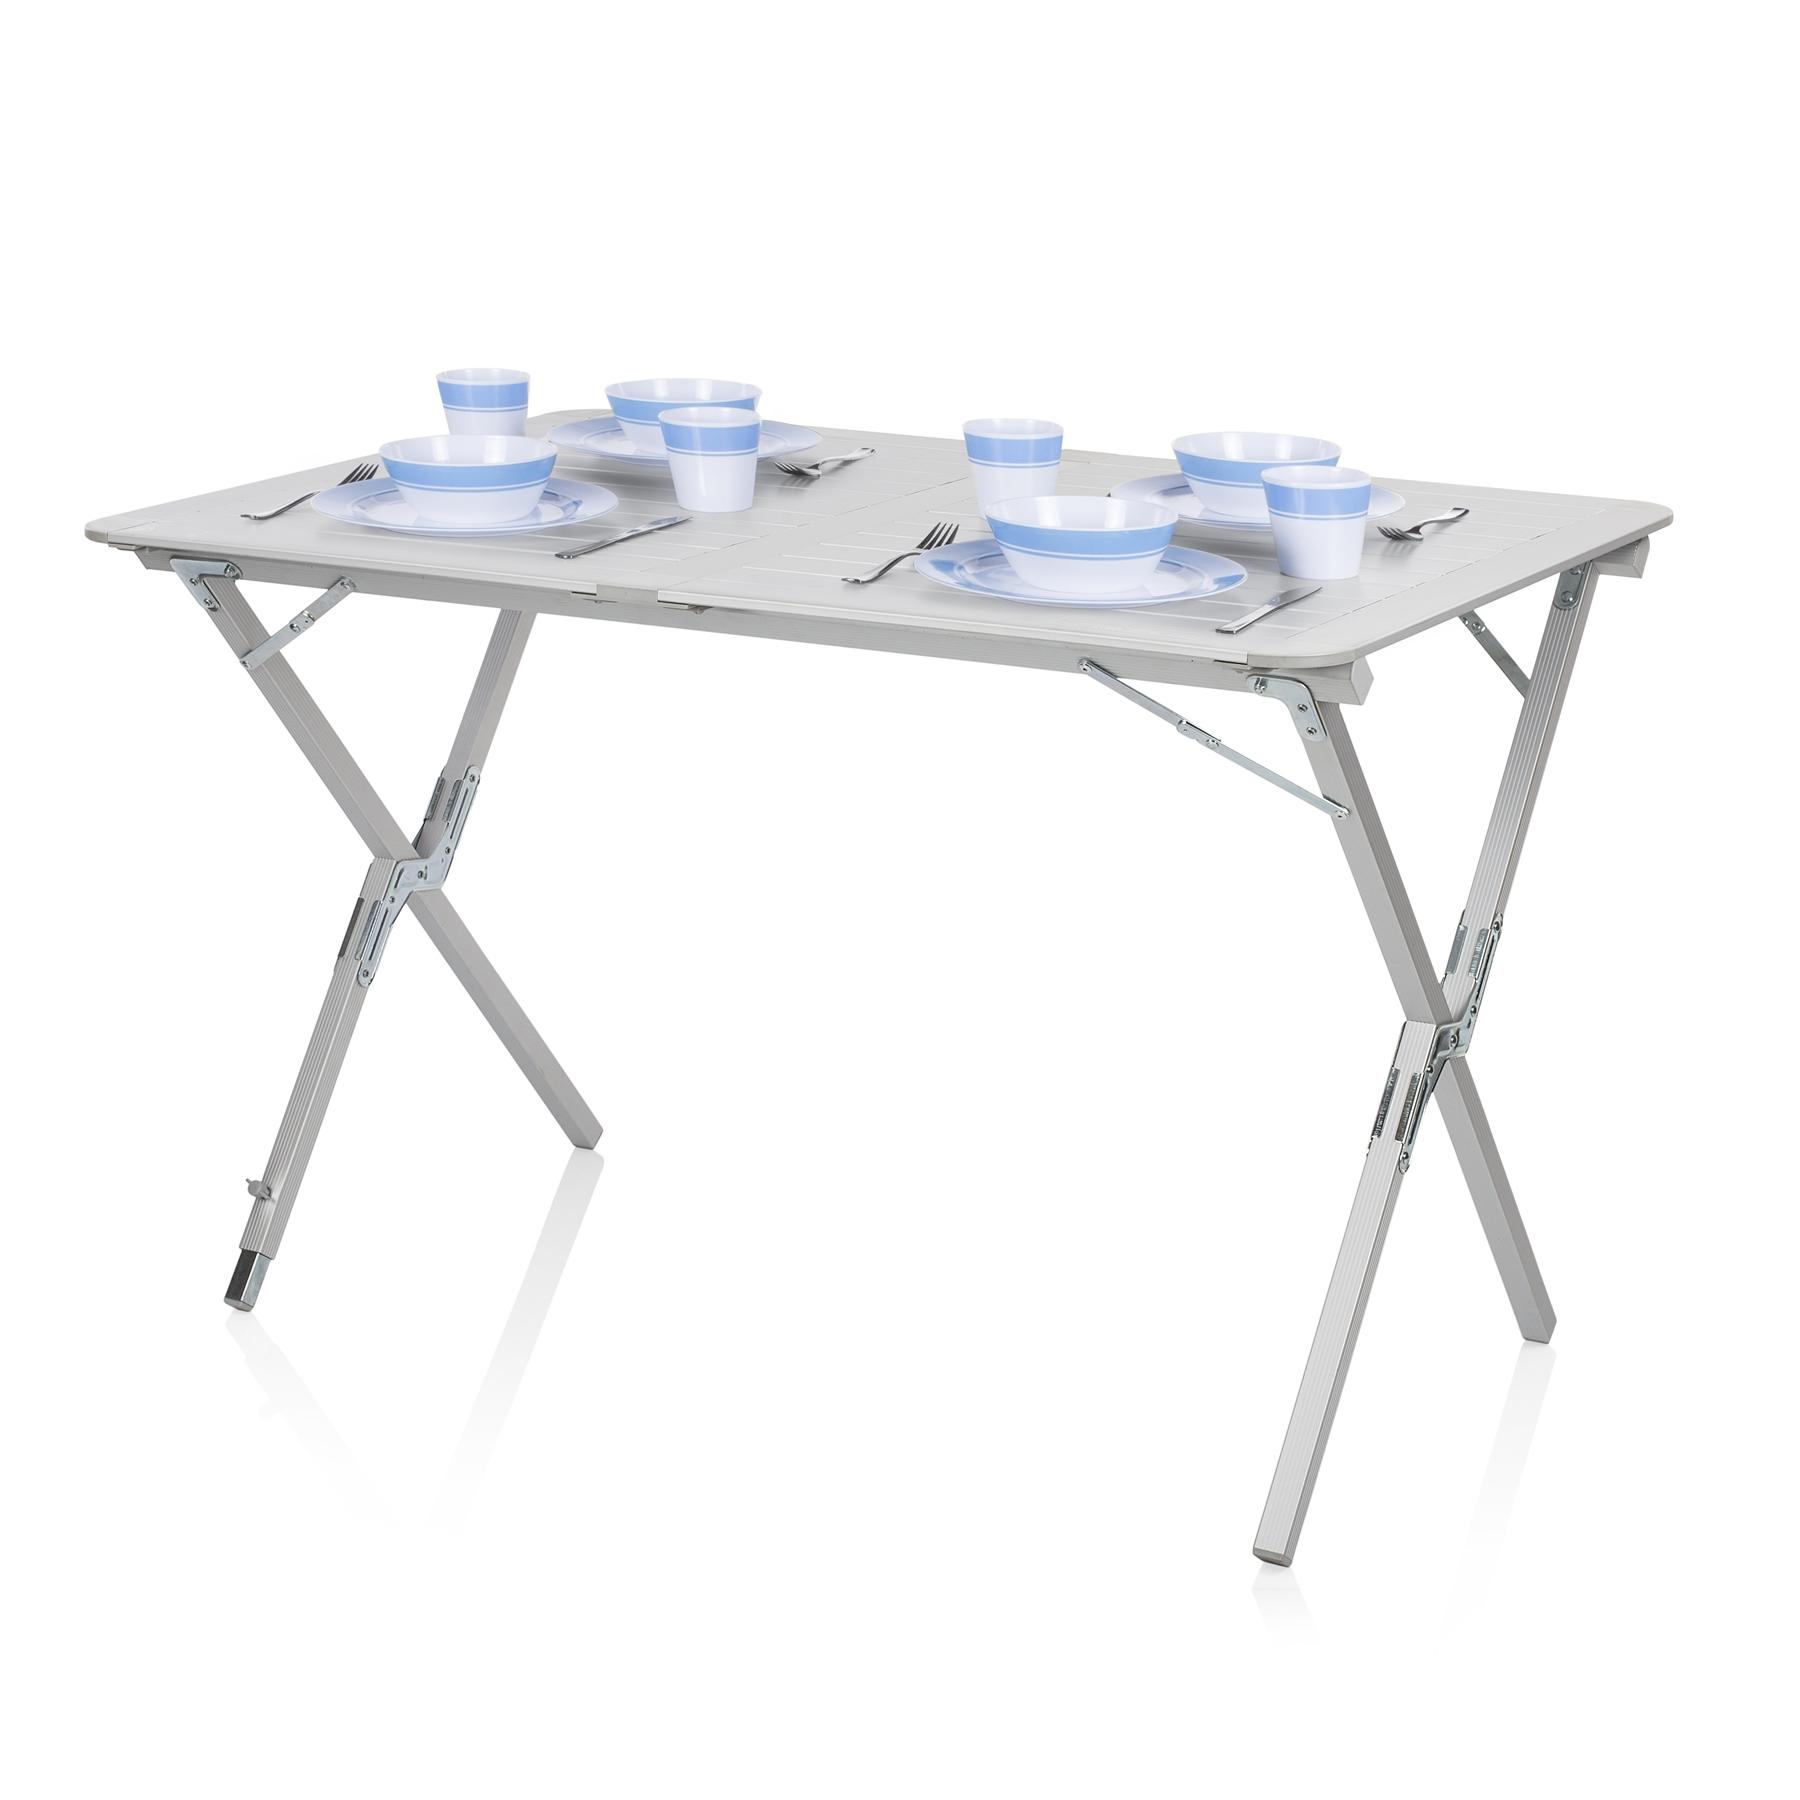 Alu Tisch Klappbar.Roll Up Aluminium Tisch Klappbar Texas